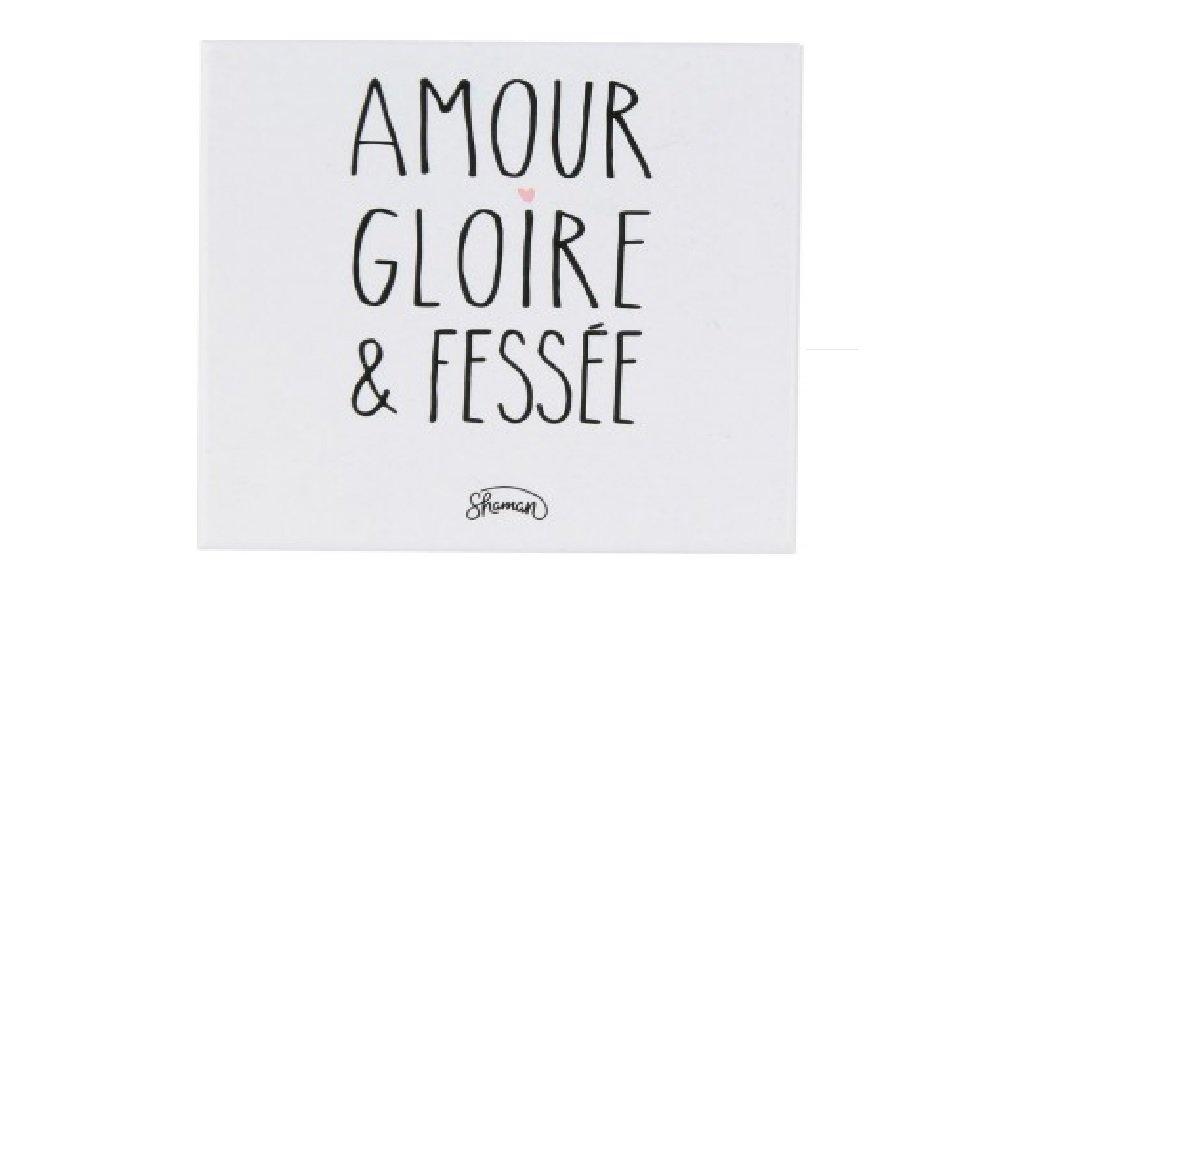 La chaise longue, Magnet 'Amour, gloire et fessée ' Magnet Amour gloire et fessée